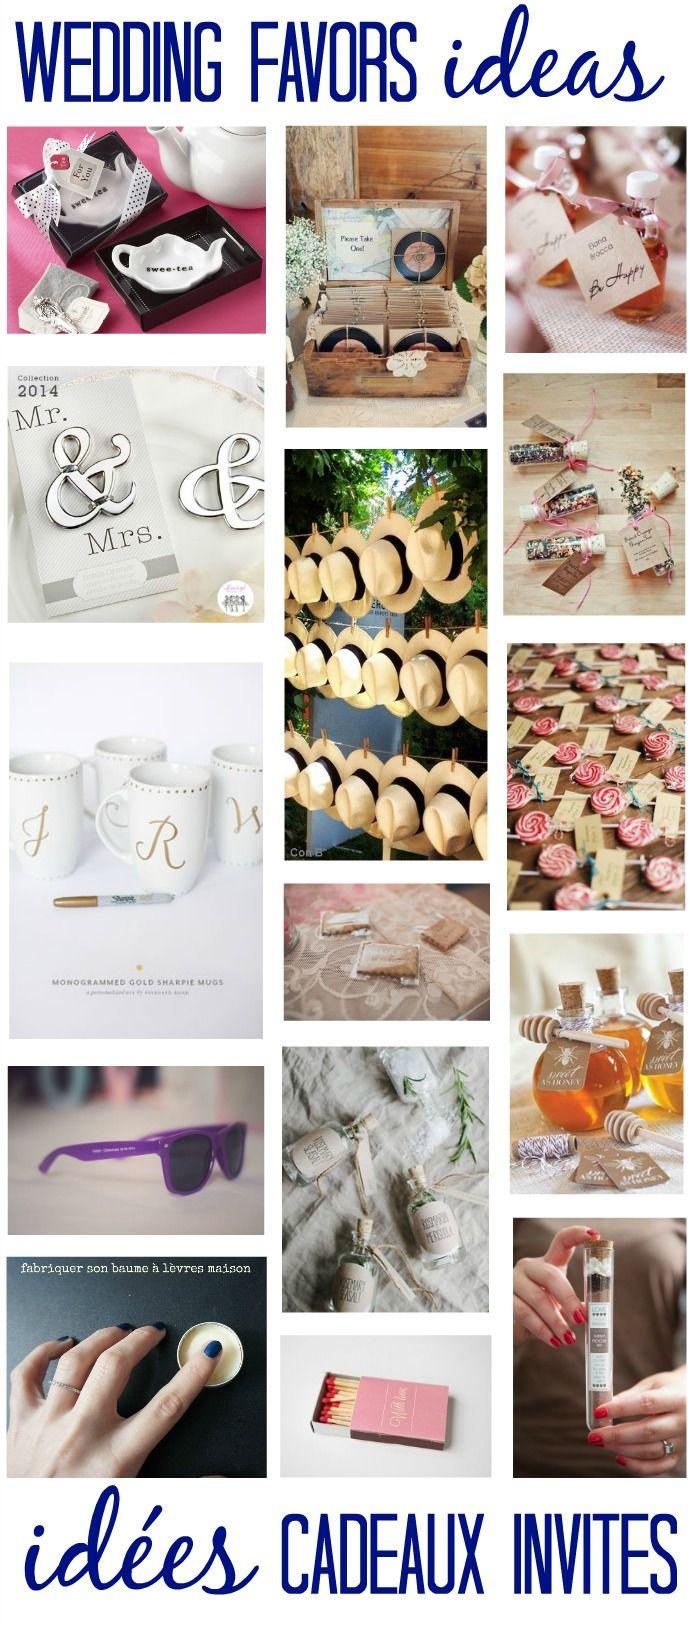 WEDDING FAVOR IDEAS - Idées cadeaux pour les invités de votre mariage, des cadeaux personalisés #Mariage #WeddingIdeas